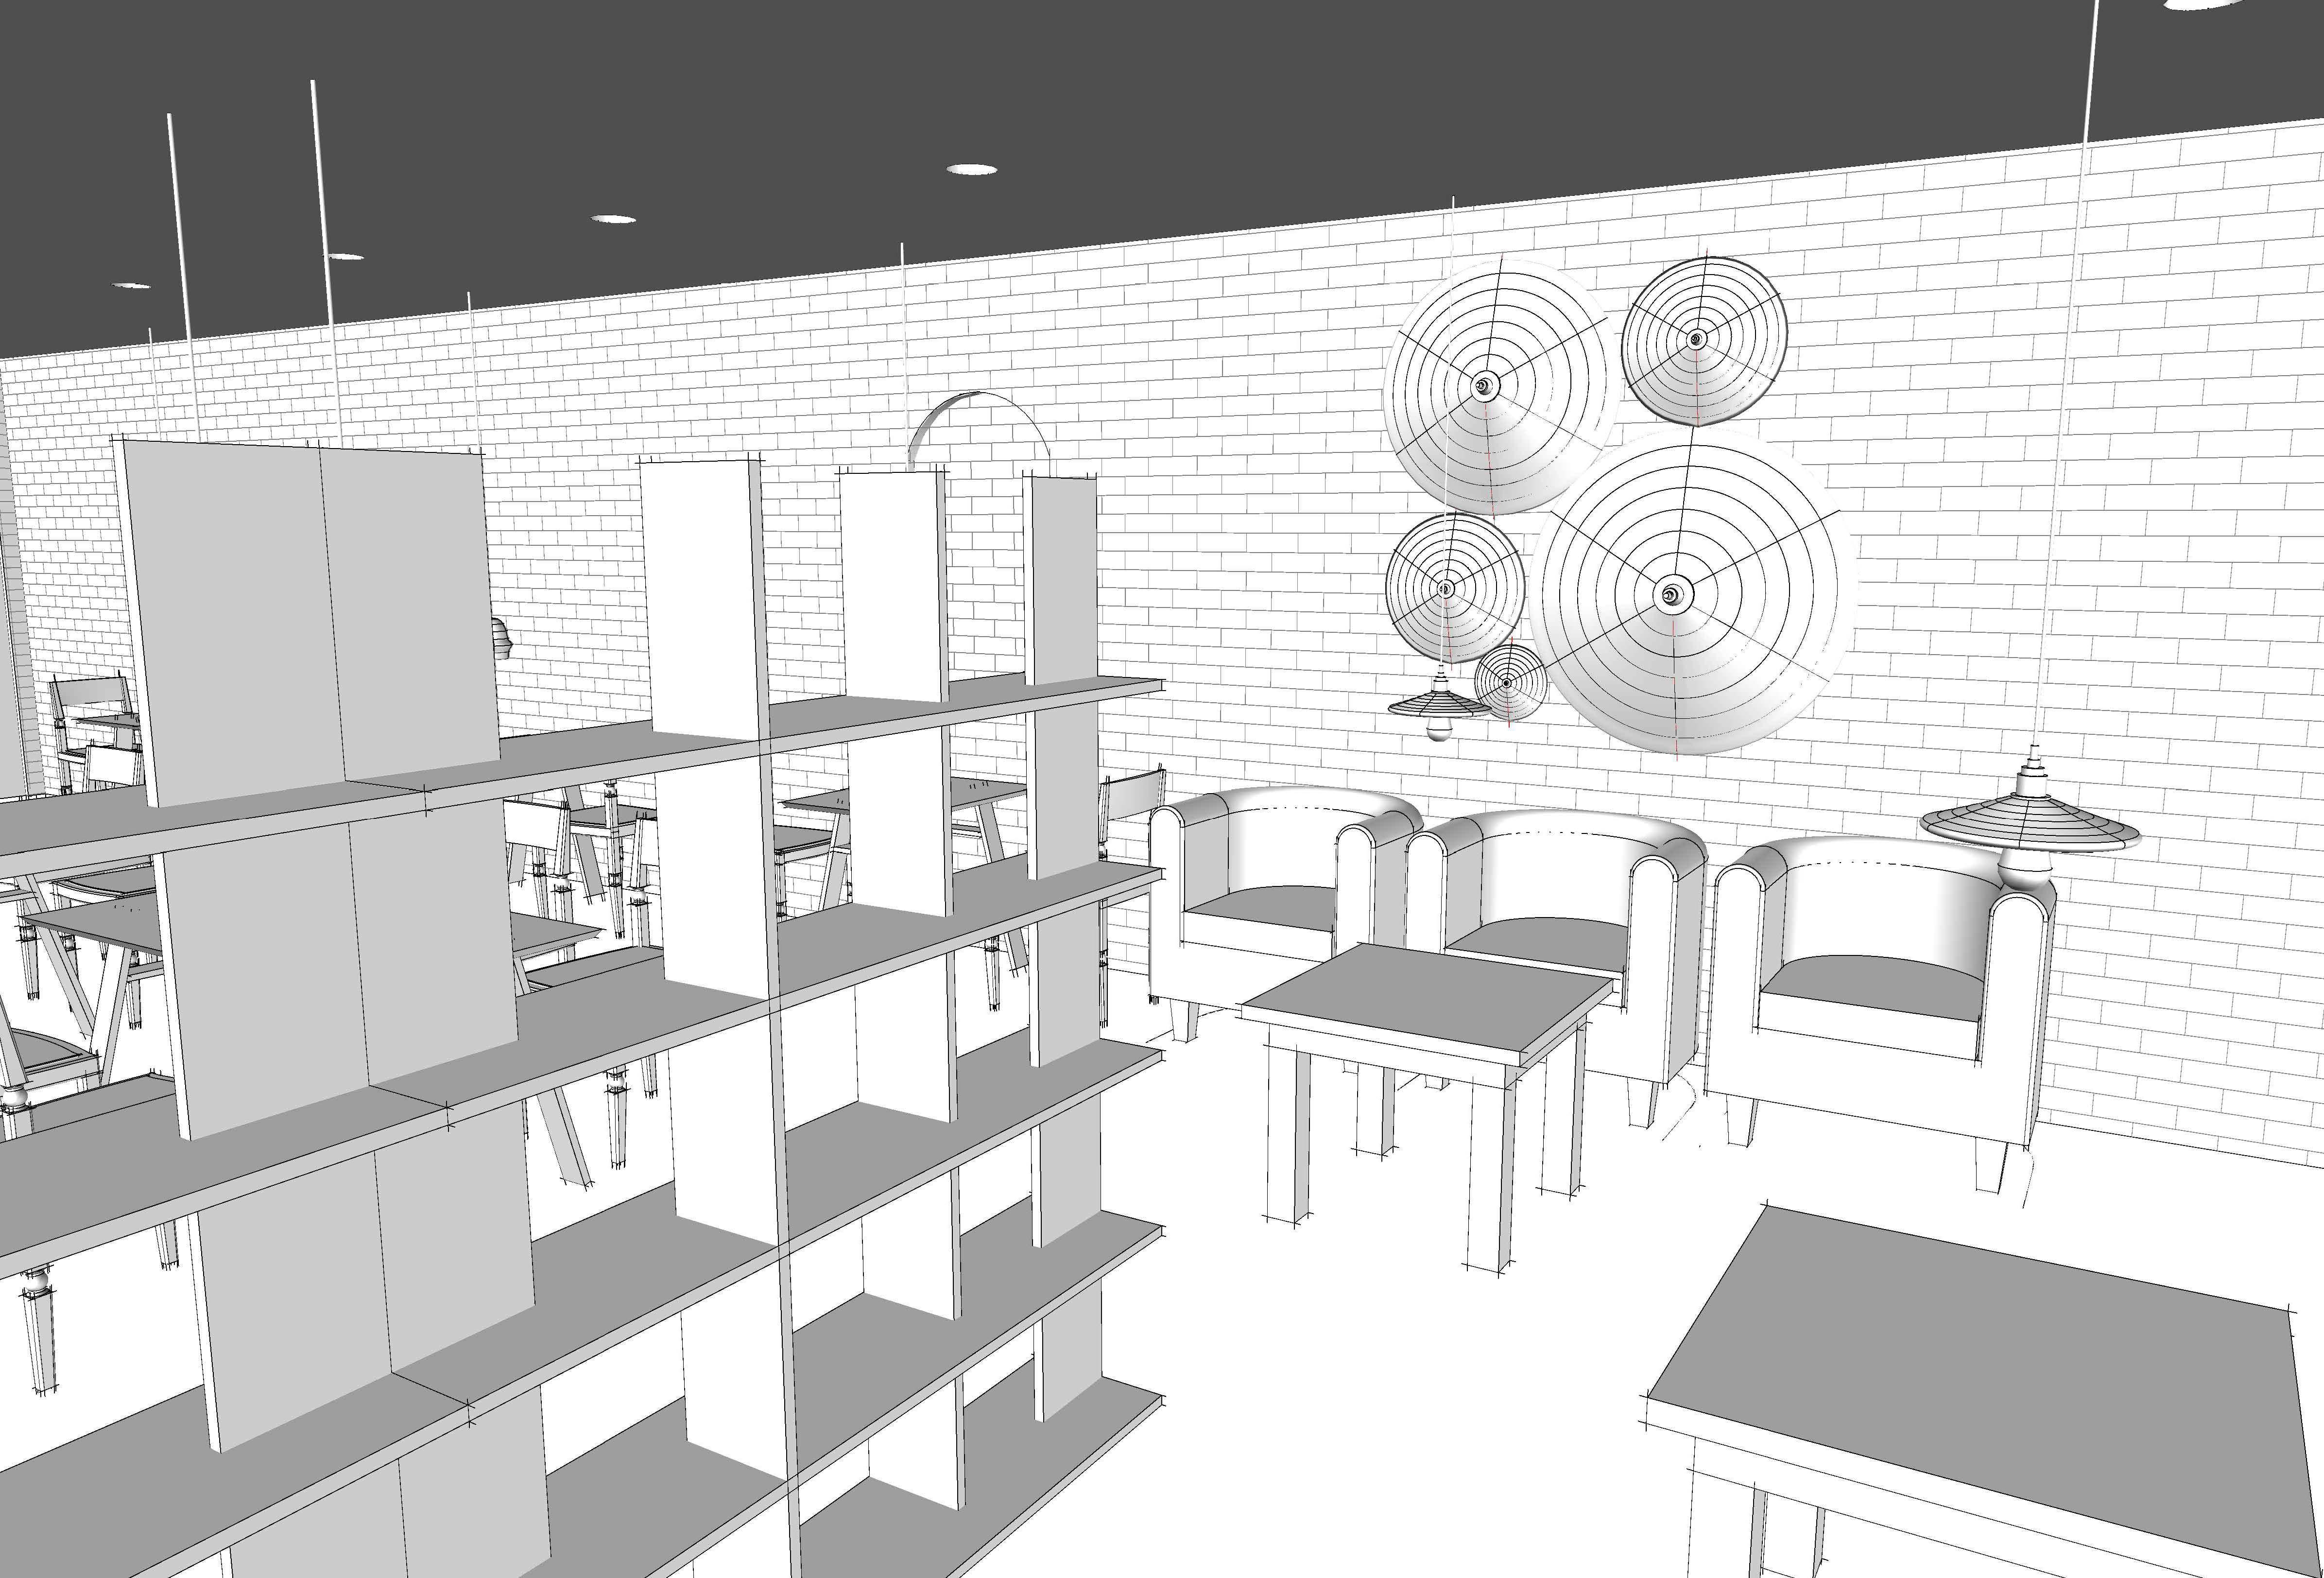 Mini Store Shelves